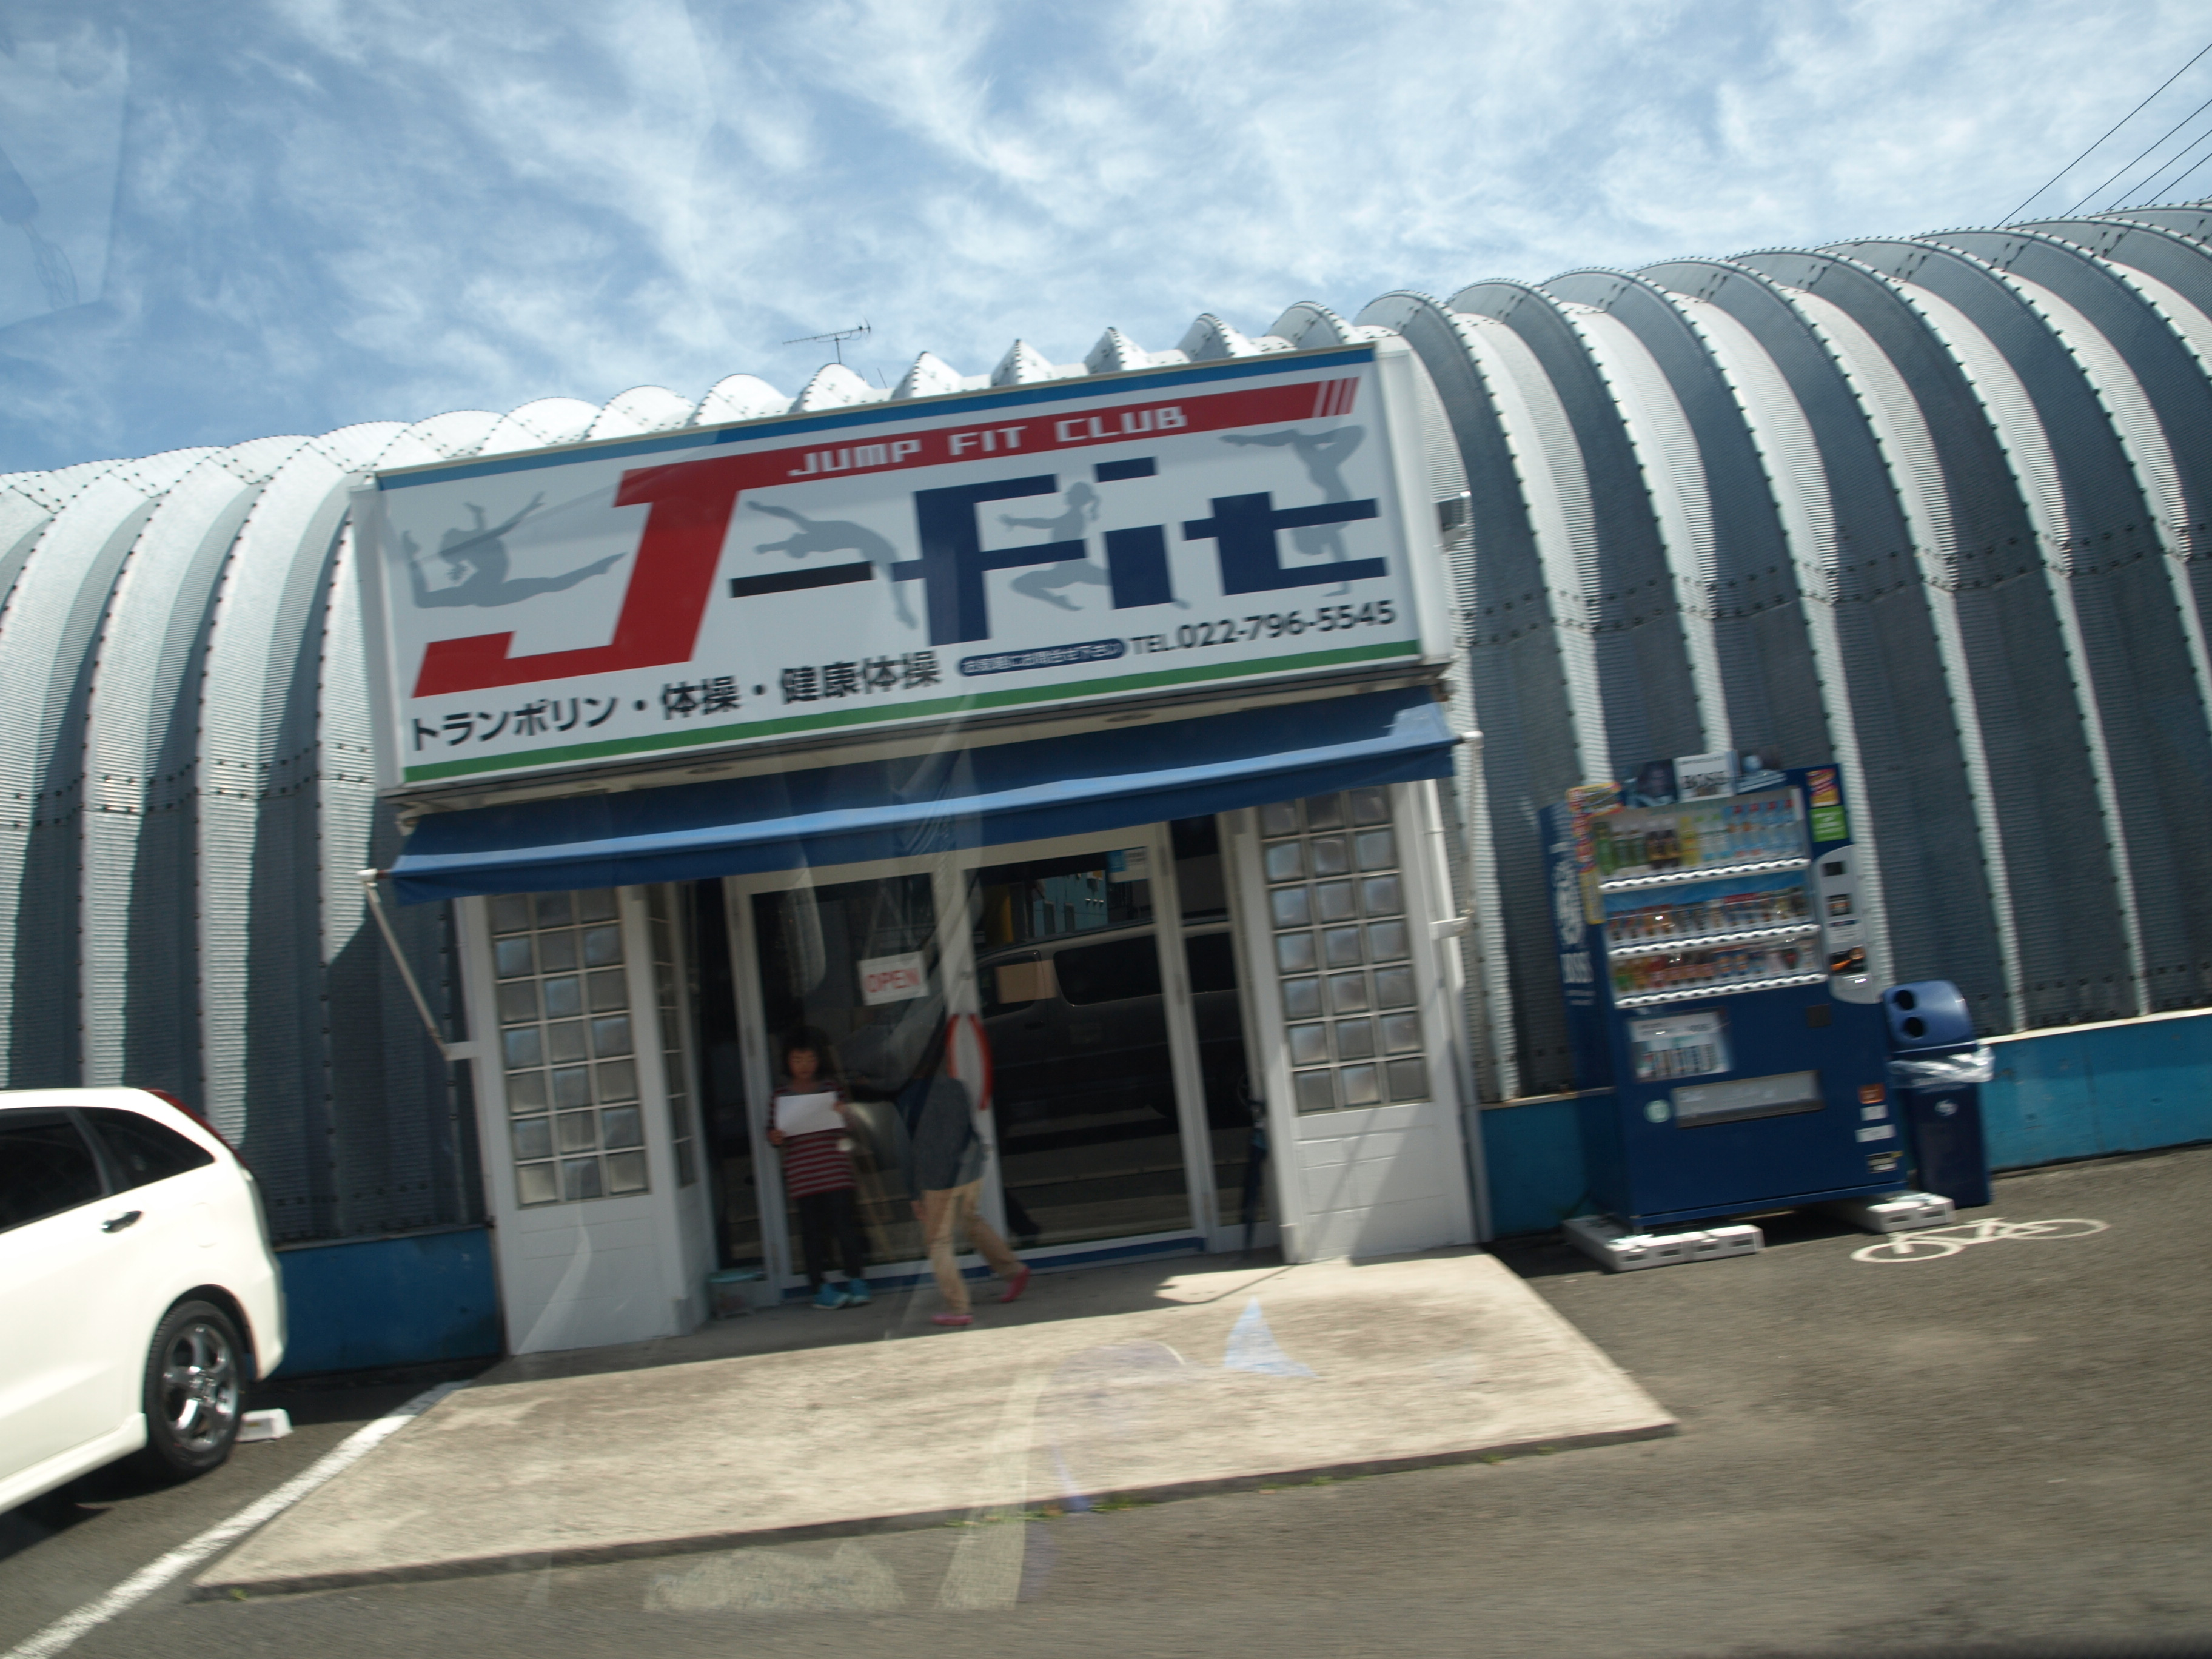 J-Fit